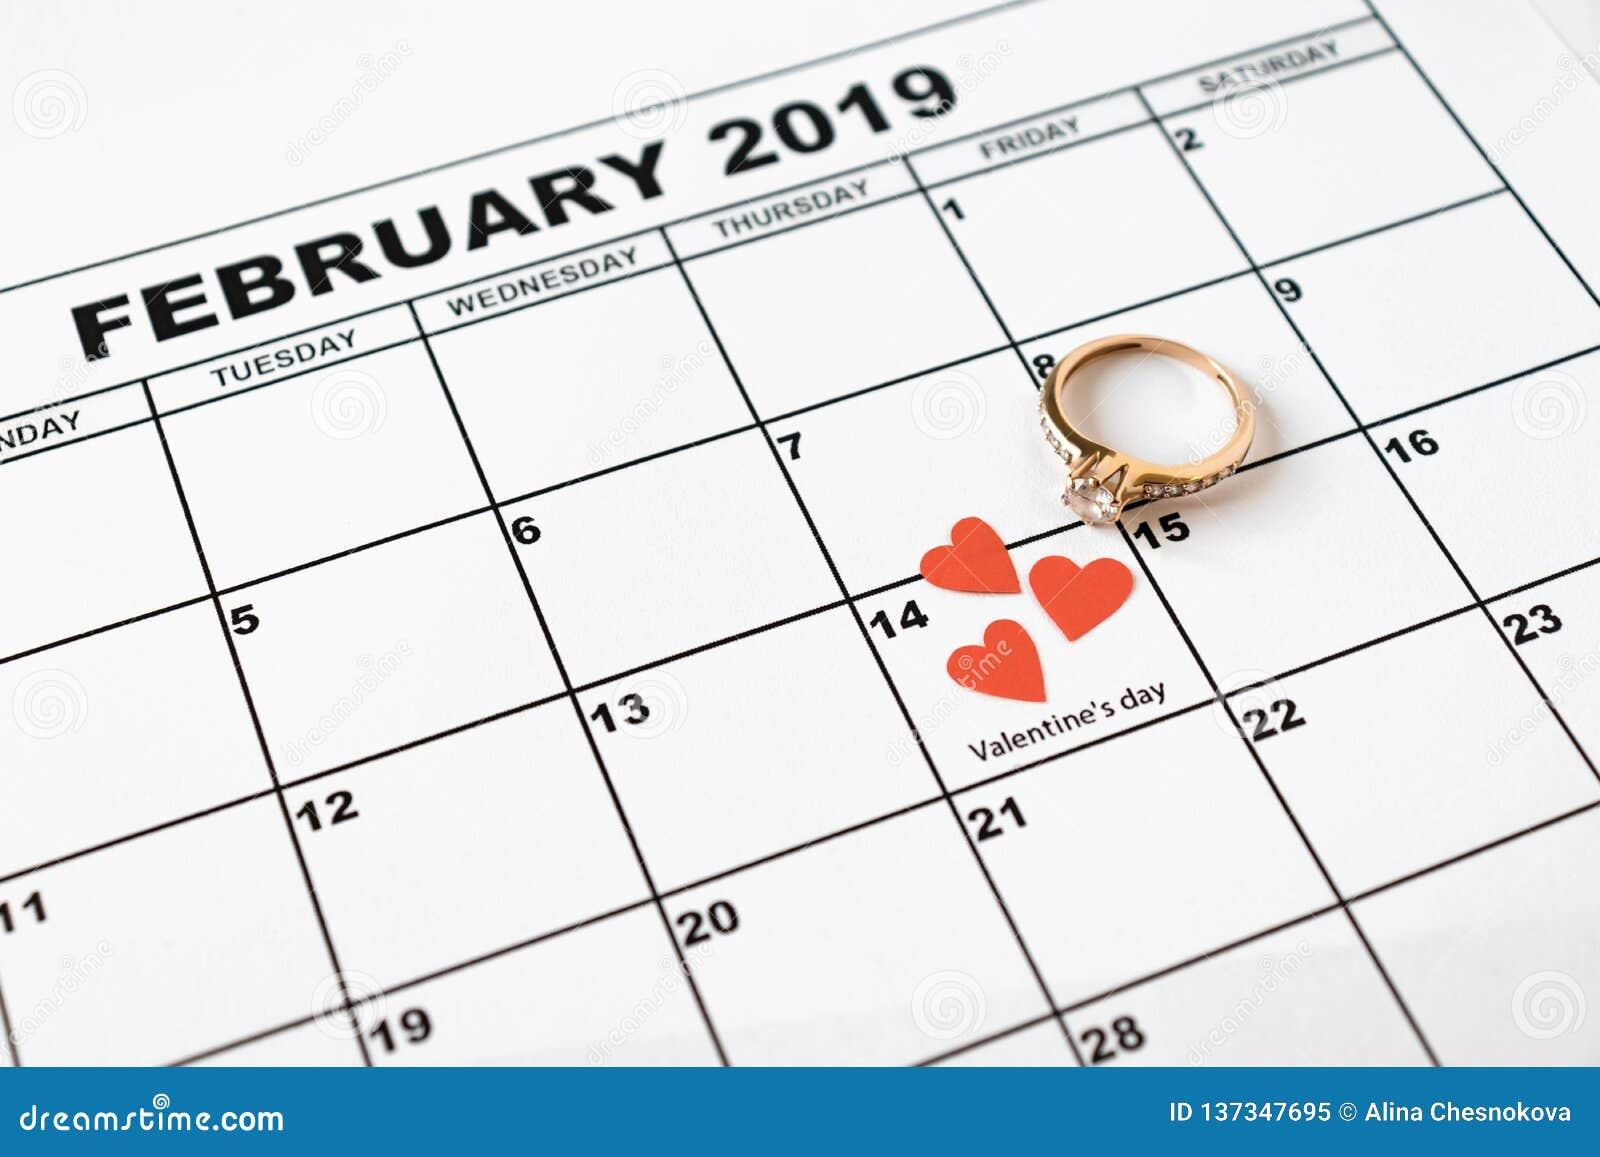 Ofereça casar-se O dia de Valentim, o 14 de fevereiro no calendário